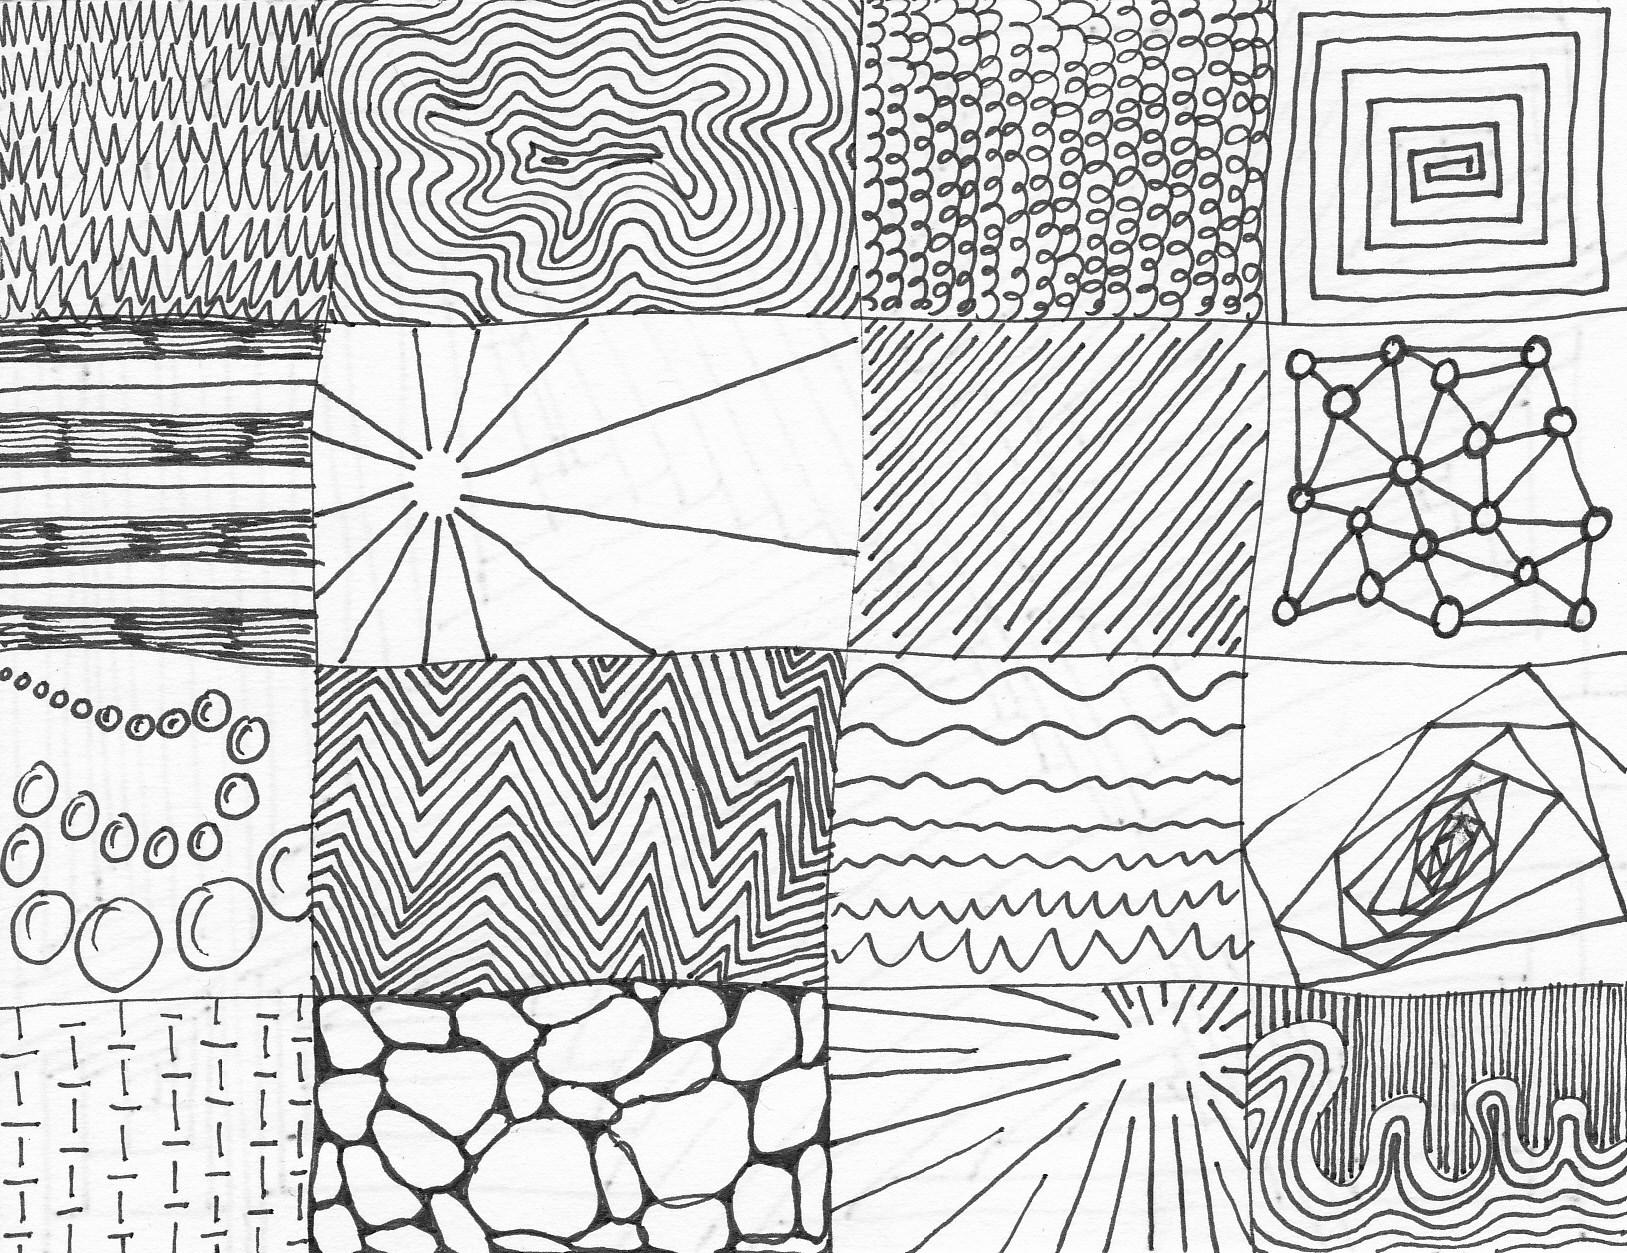 1627x1253 Thumbnails Exploring Line, Point, Shape, Form, Scale, Pattern